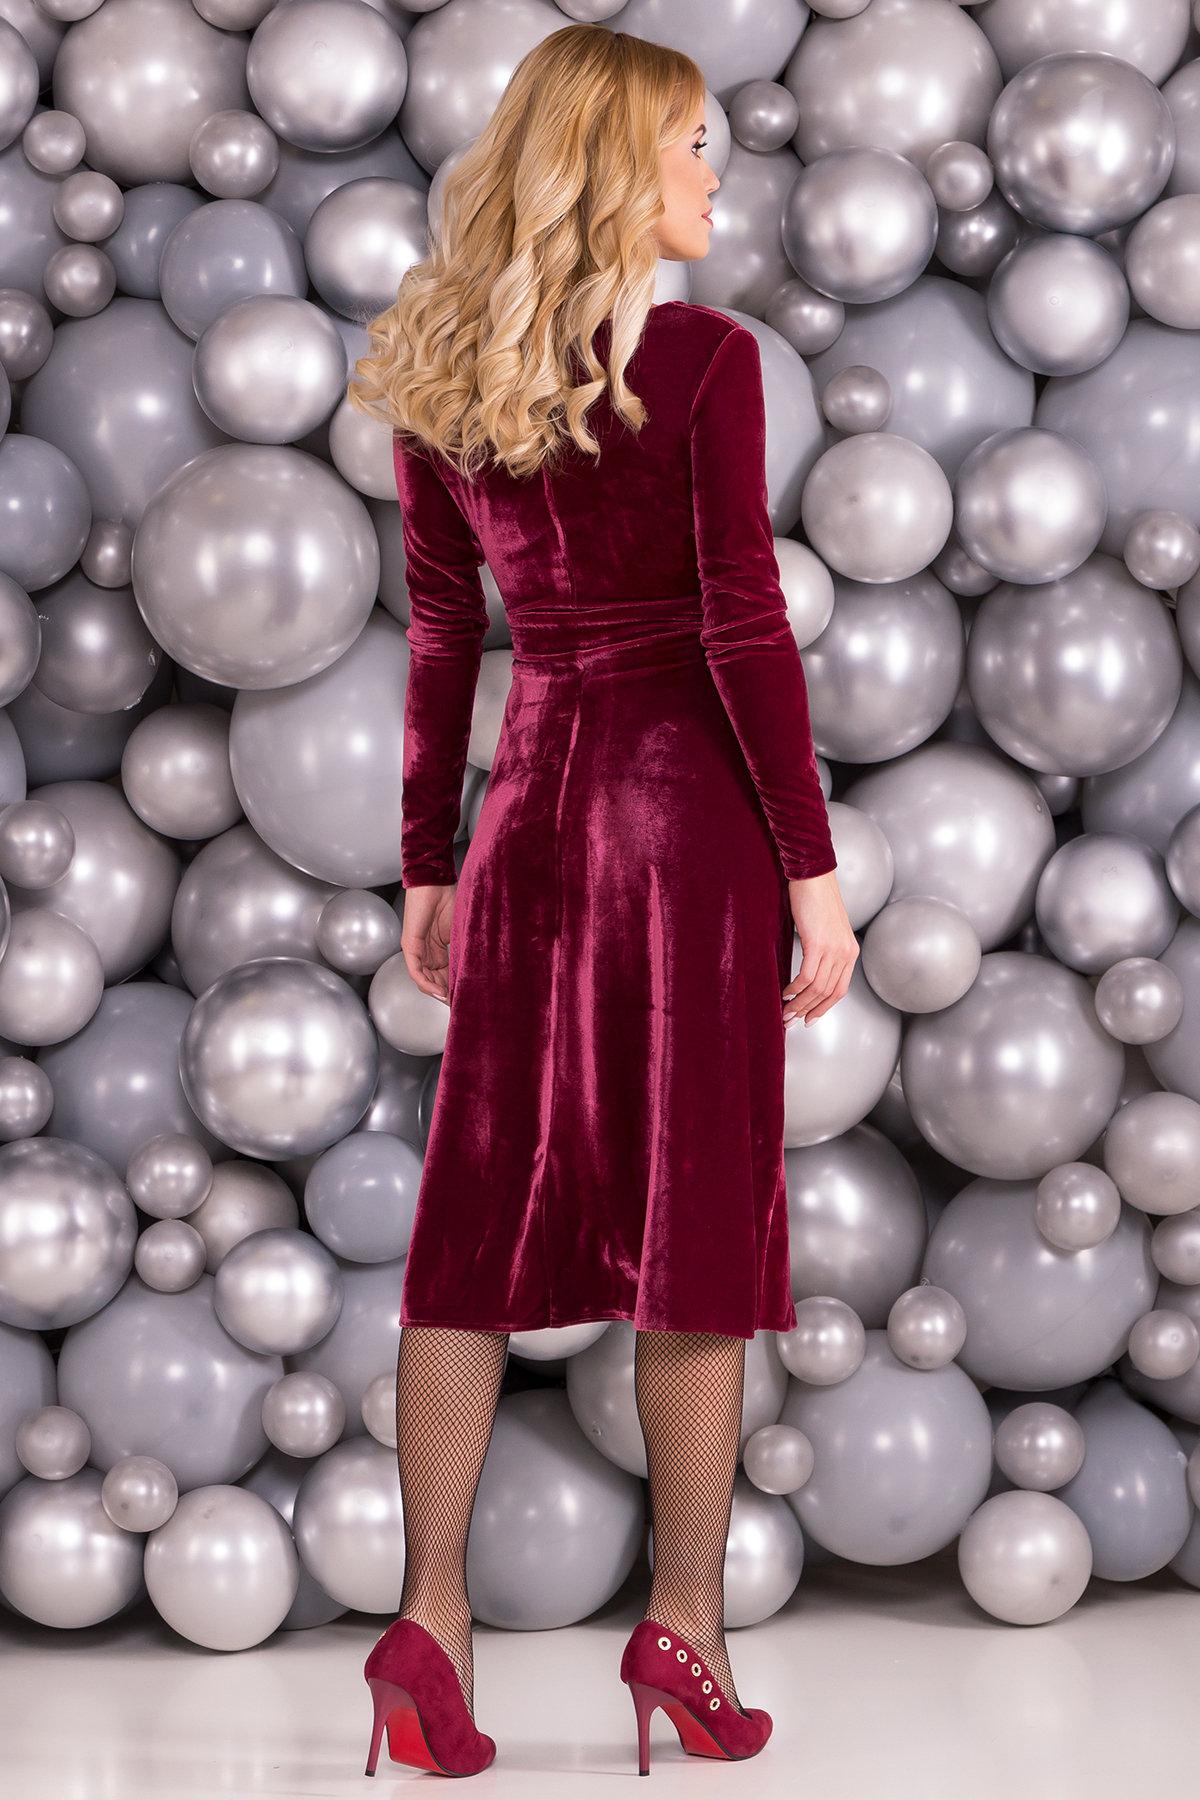 Платье Жозель миди велюр 6033 АРТ. 40680 Цвет: Марсала - фото 2, интернет магазин tm-modus.ru